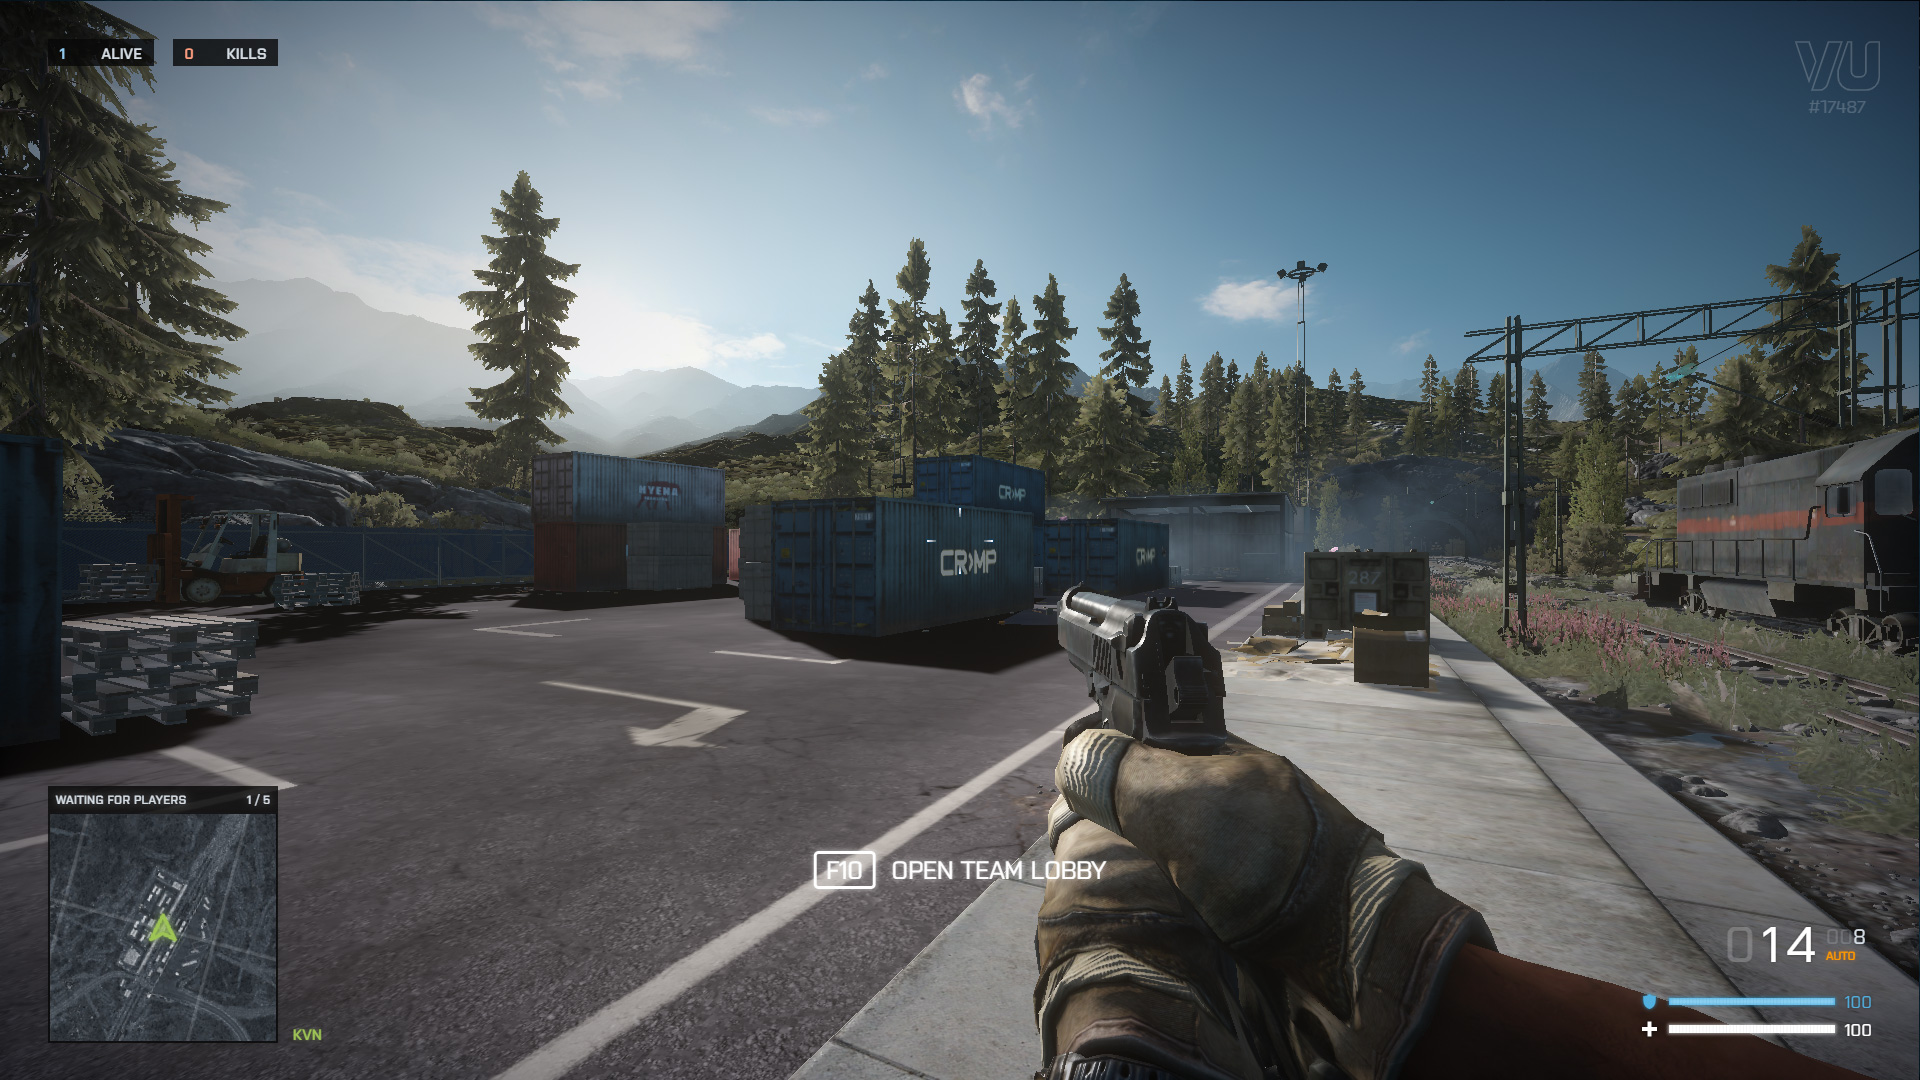 In-game HUD